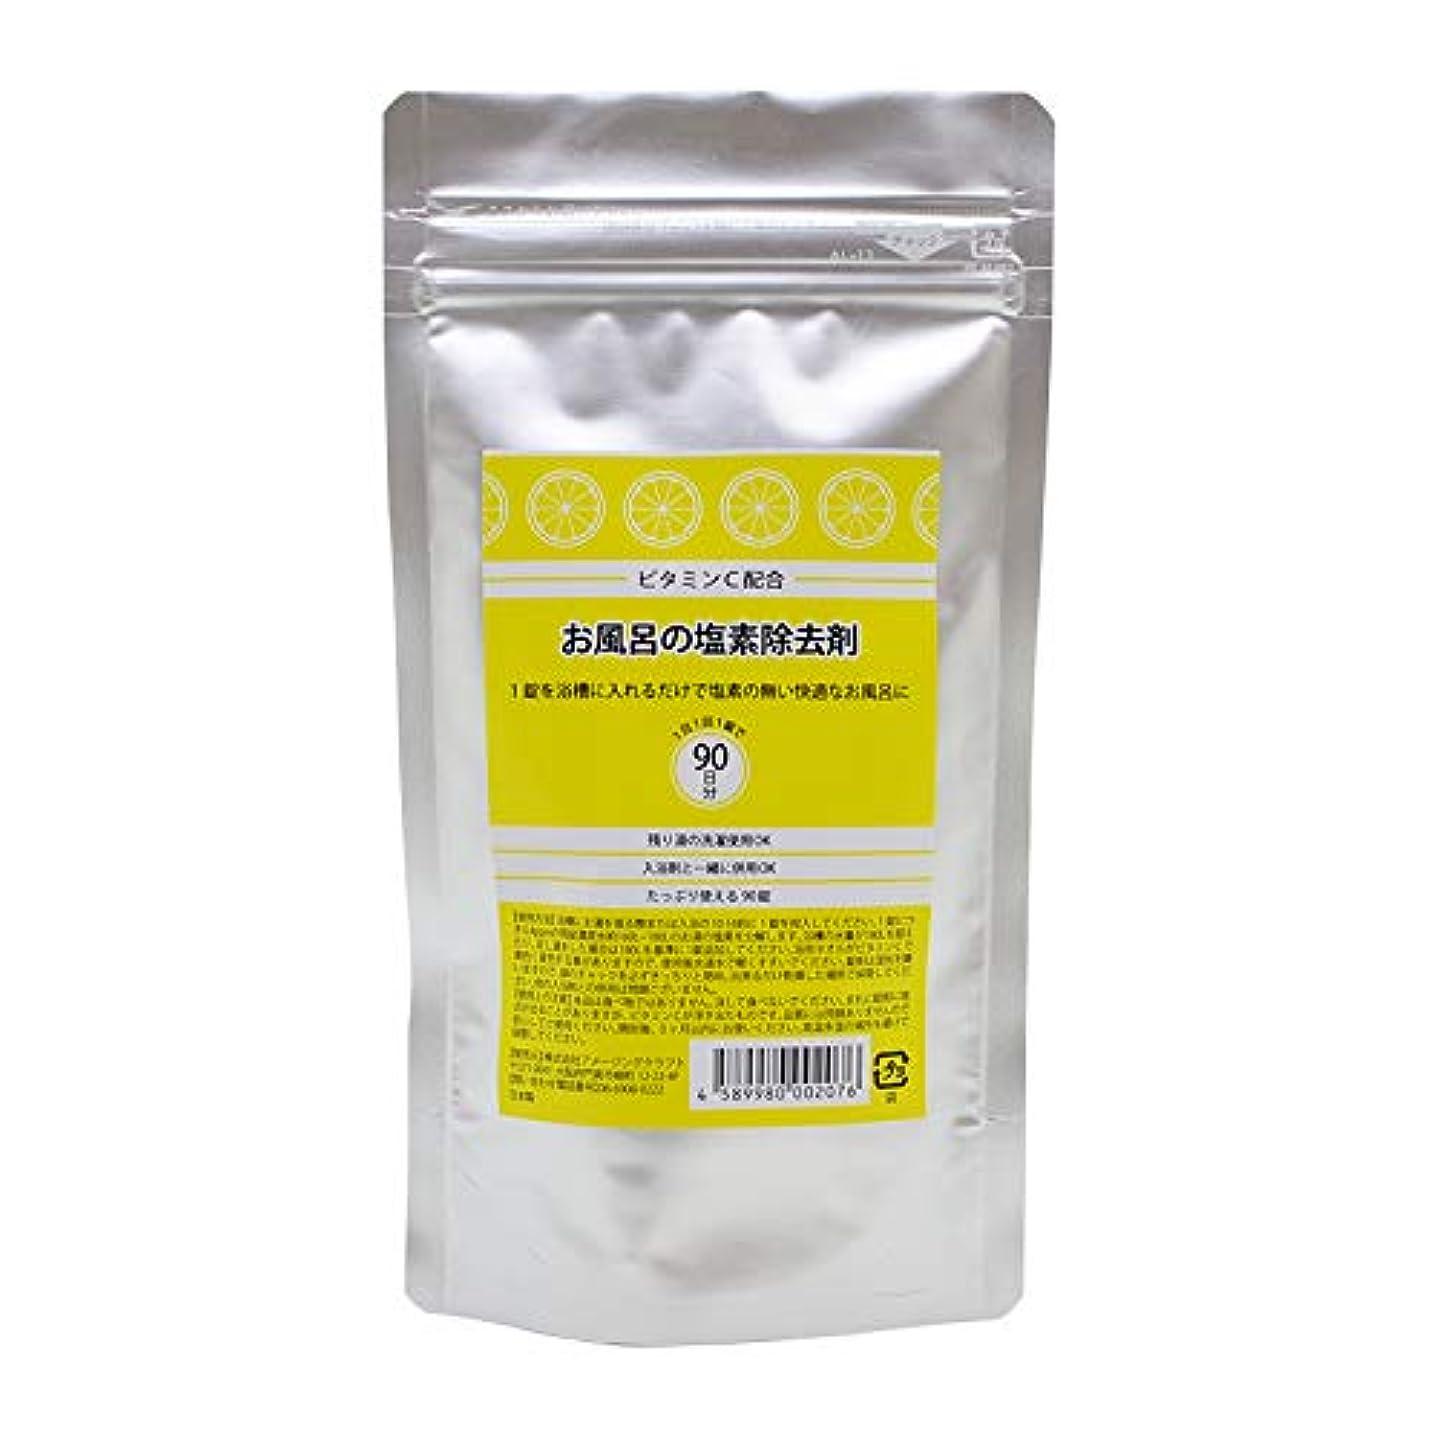 擬人アスレチックこねるビタミンC配合 お風呂の塩素除去剤 錠剤タイプ 90錠 浴槽用脱塩素剤